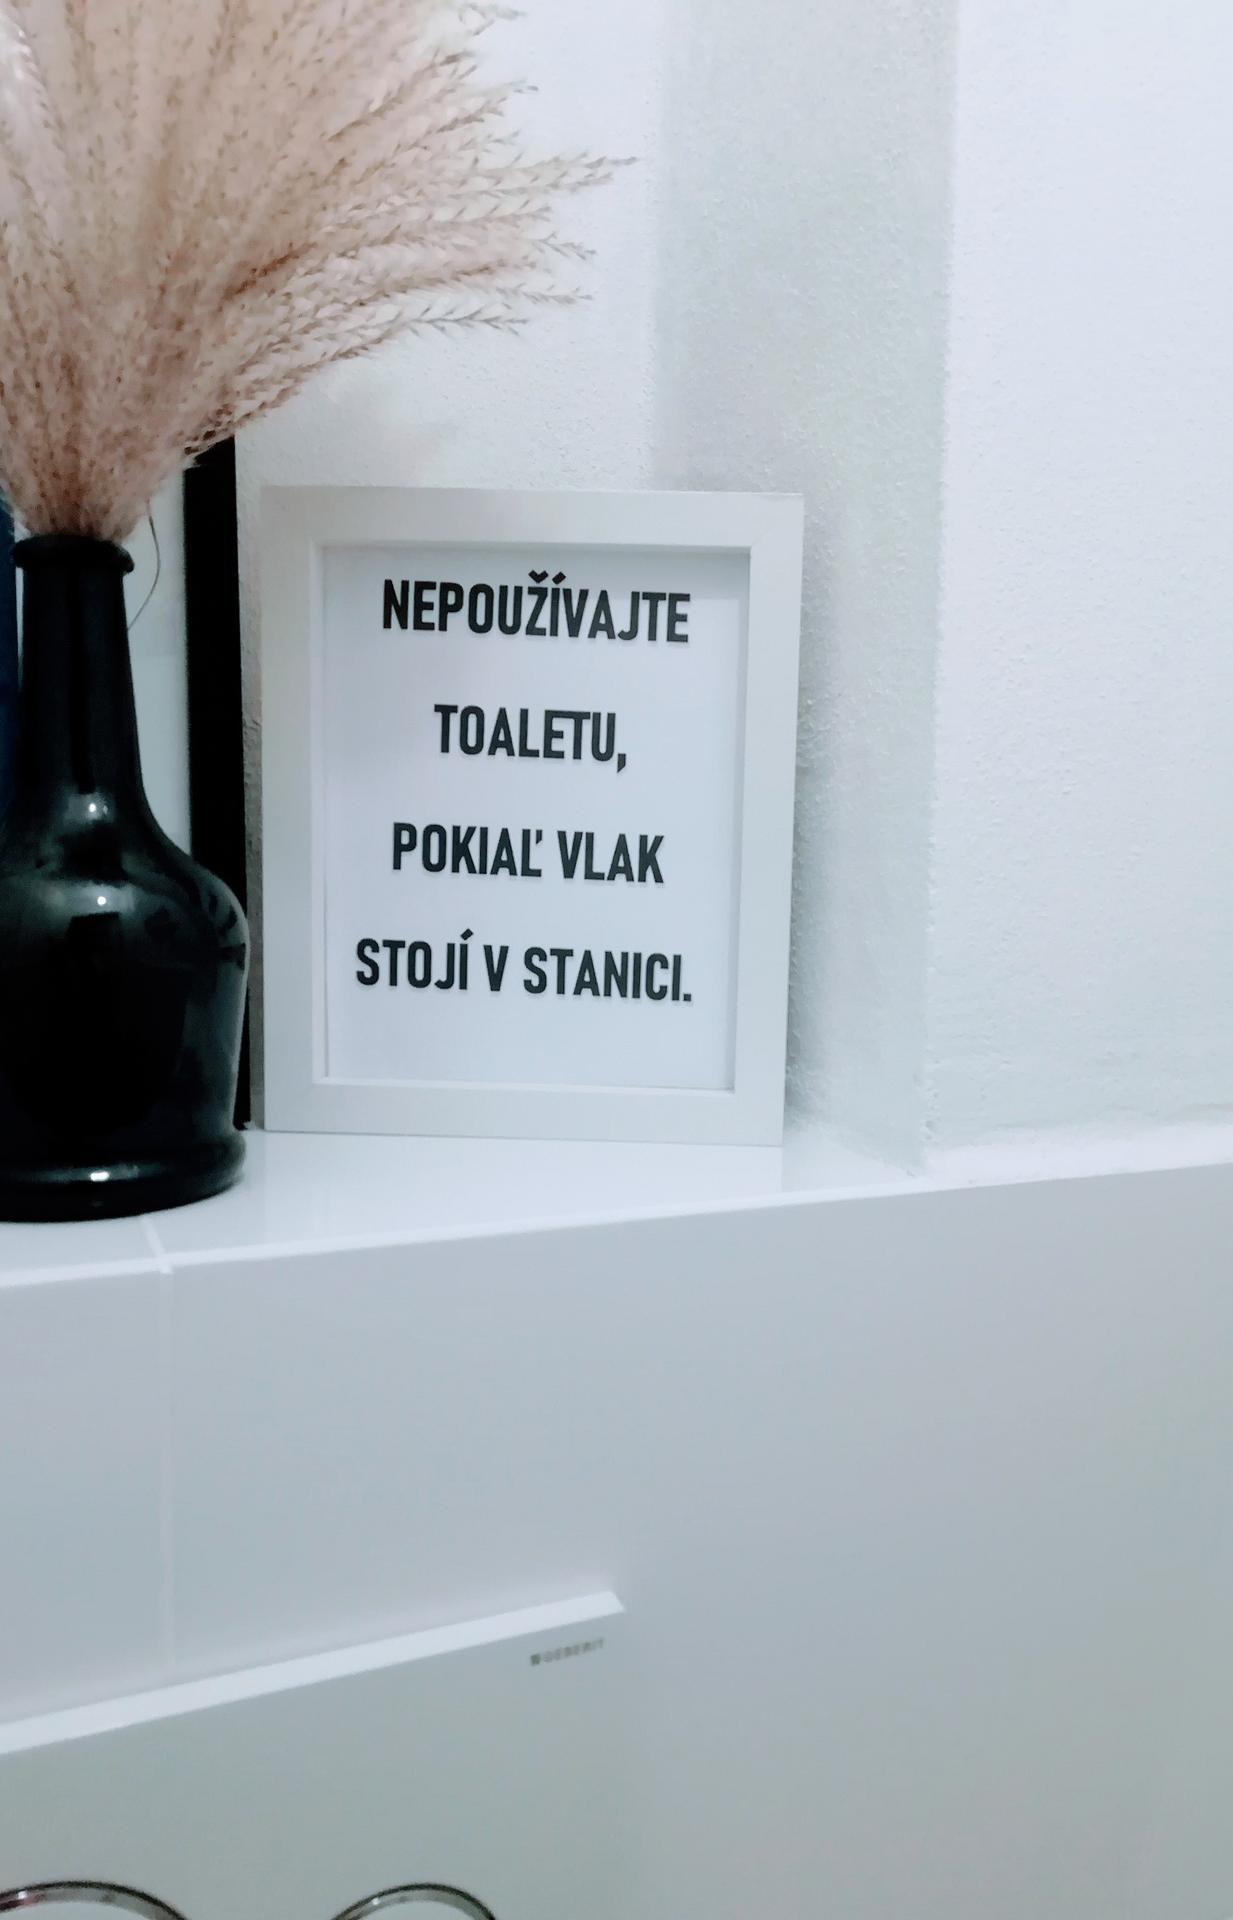 Prerábka kúpeľne, wc a chodby v byte - Pôvodná tabuľka bola o výmene rolky z toaletného papiera..nezabralo... tak je v podstate jedno, čo tam vycapím 😉